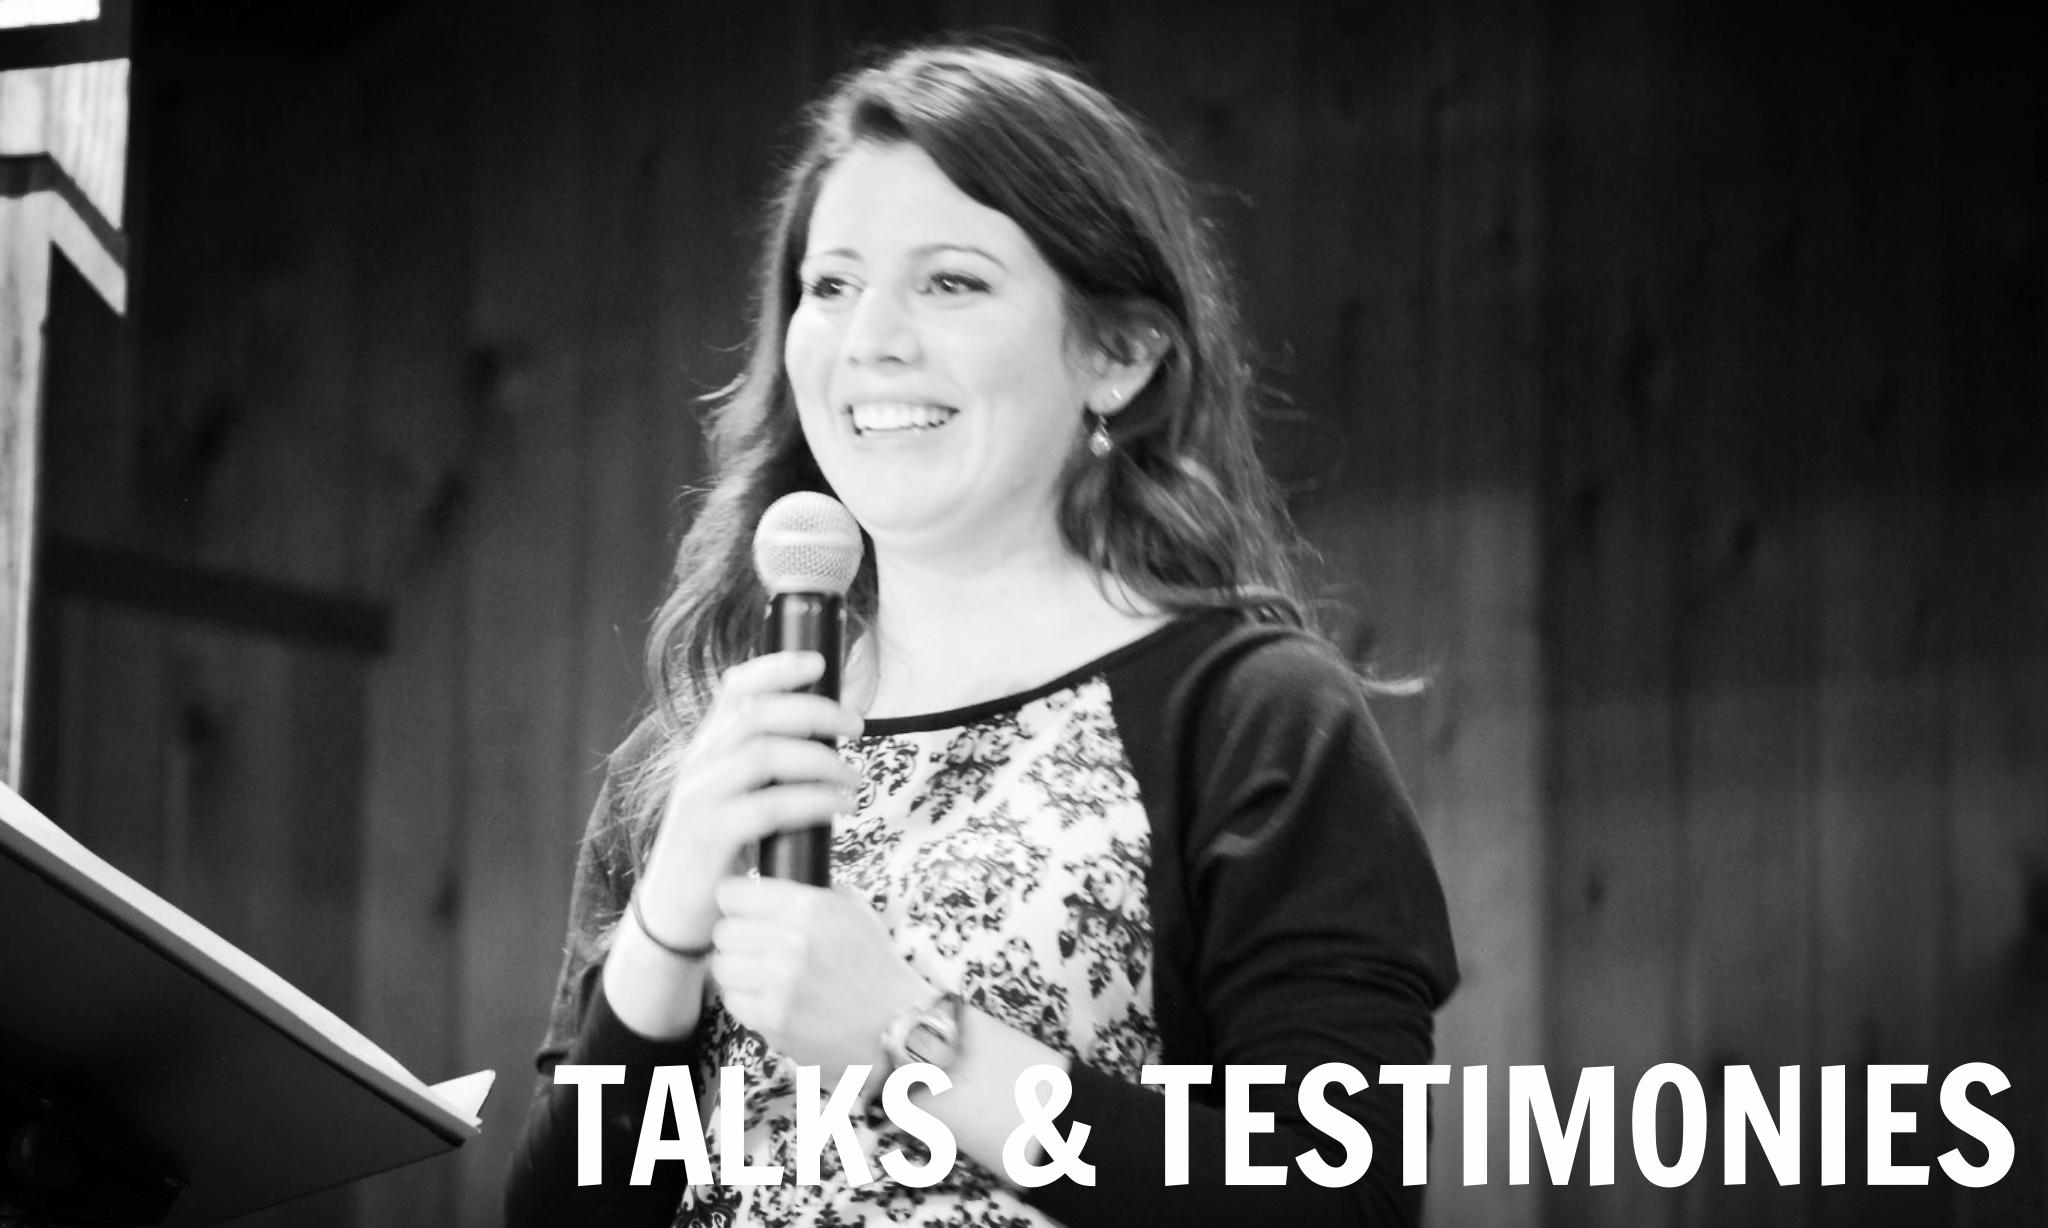 Talks:Testimonies.jpg